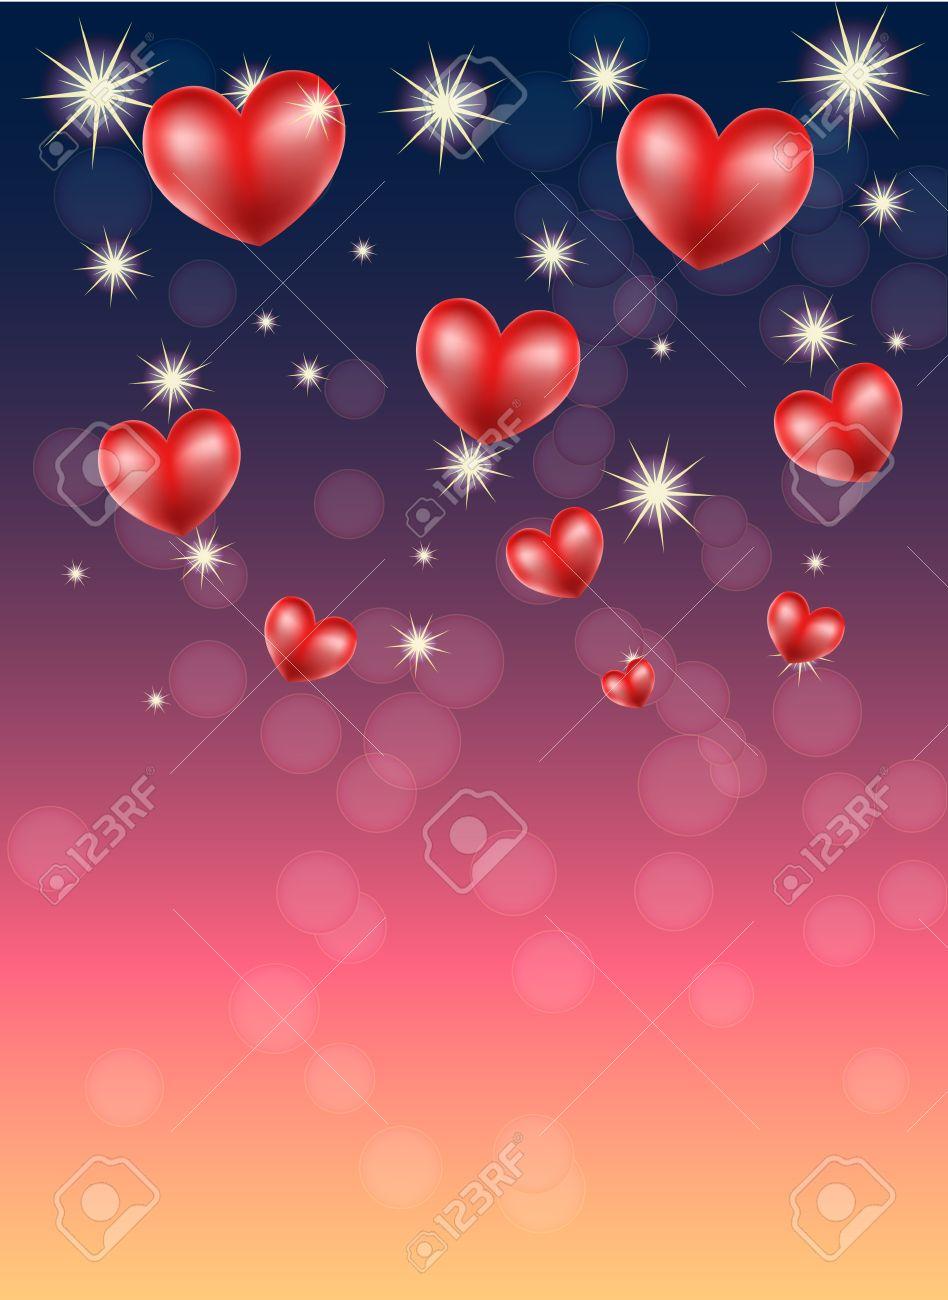 De Fondo Romántico Con Corazones Y Estrellas Ilustraciones